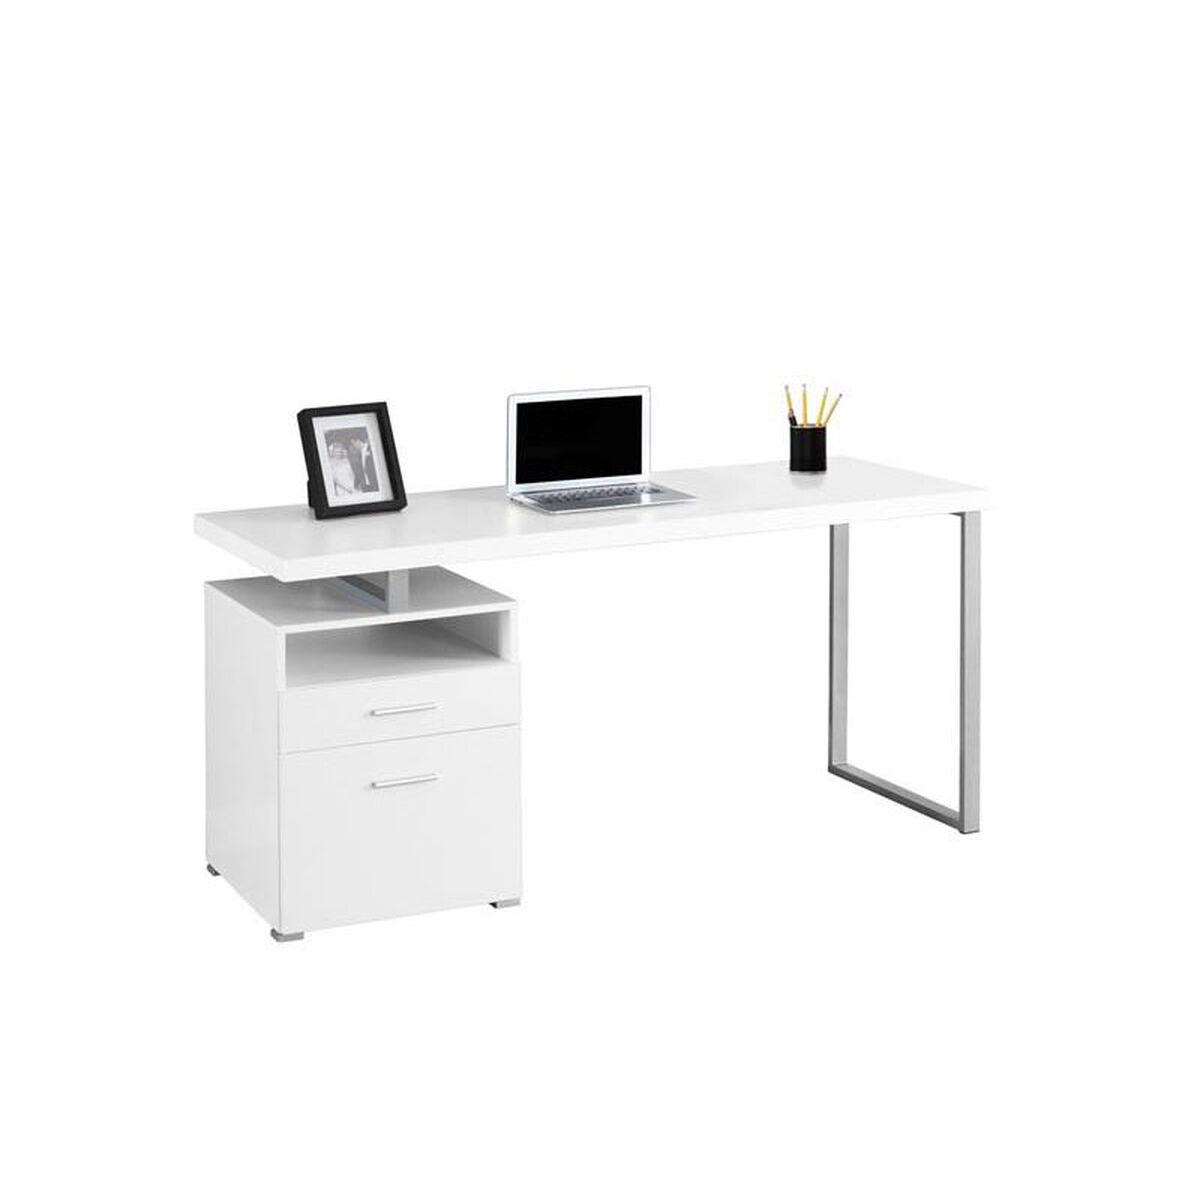 Monarch Specialties Contemporary 60 W Computer Desk With